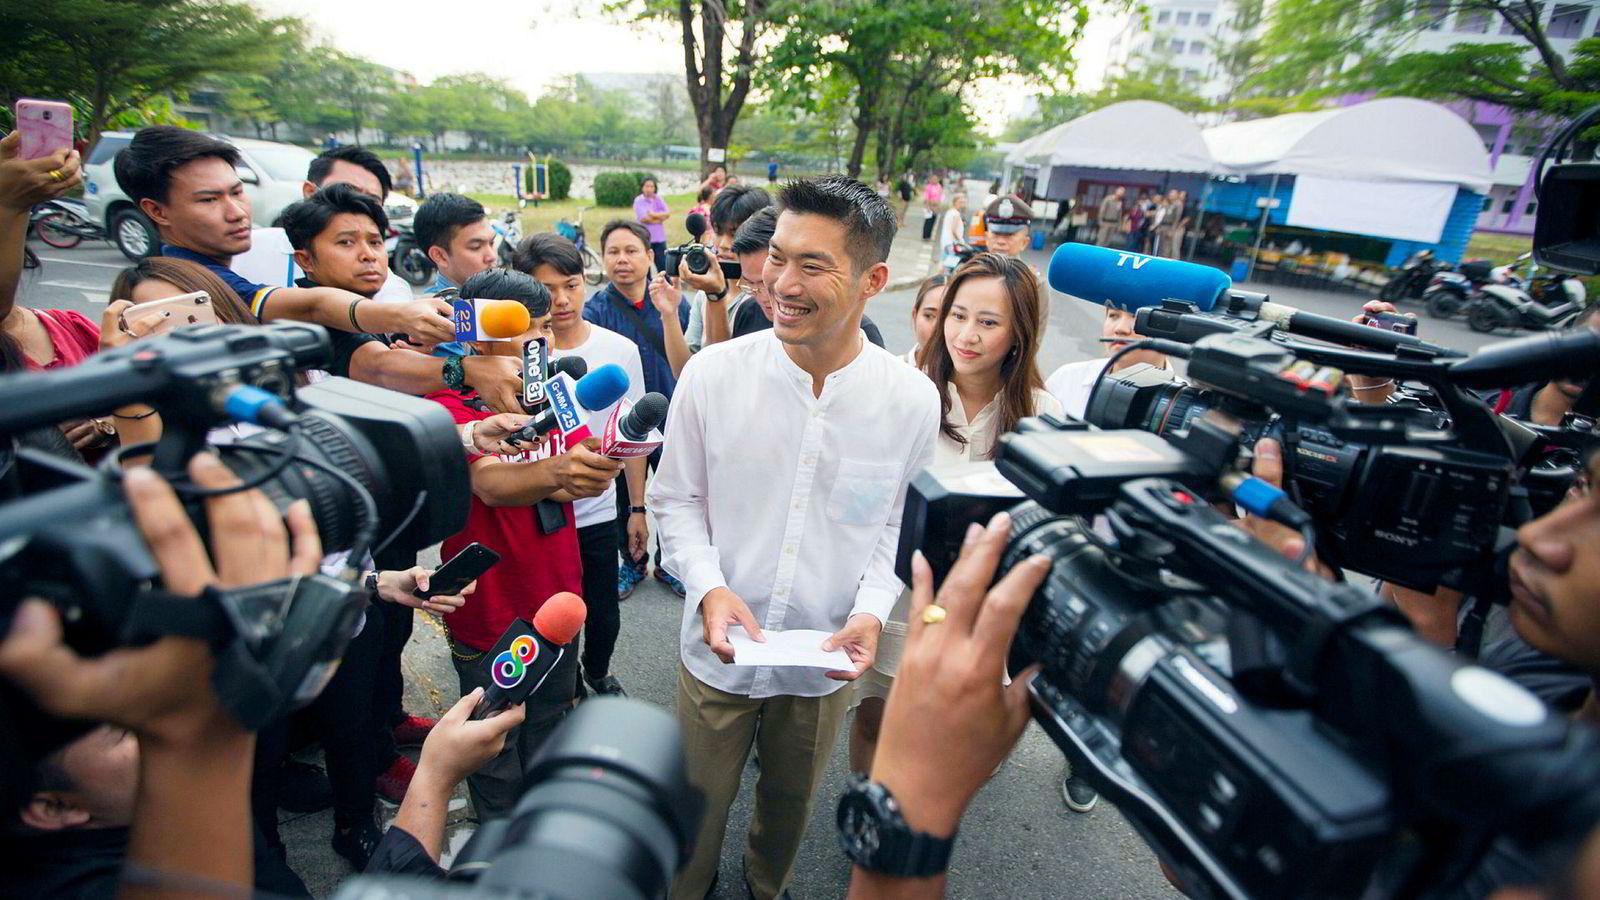 Future Forward Party-grunnlegger Thanathorn Juangroongruangkit forsøker å komme til topps i thailandsk politikk. Her ankommer han et valglokale i Bangkok sammen med sin kone, Rawiphan Daengthongdi.